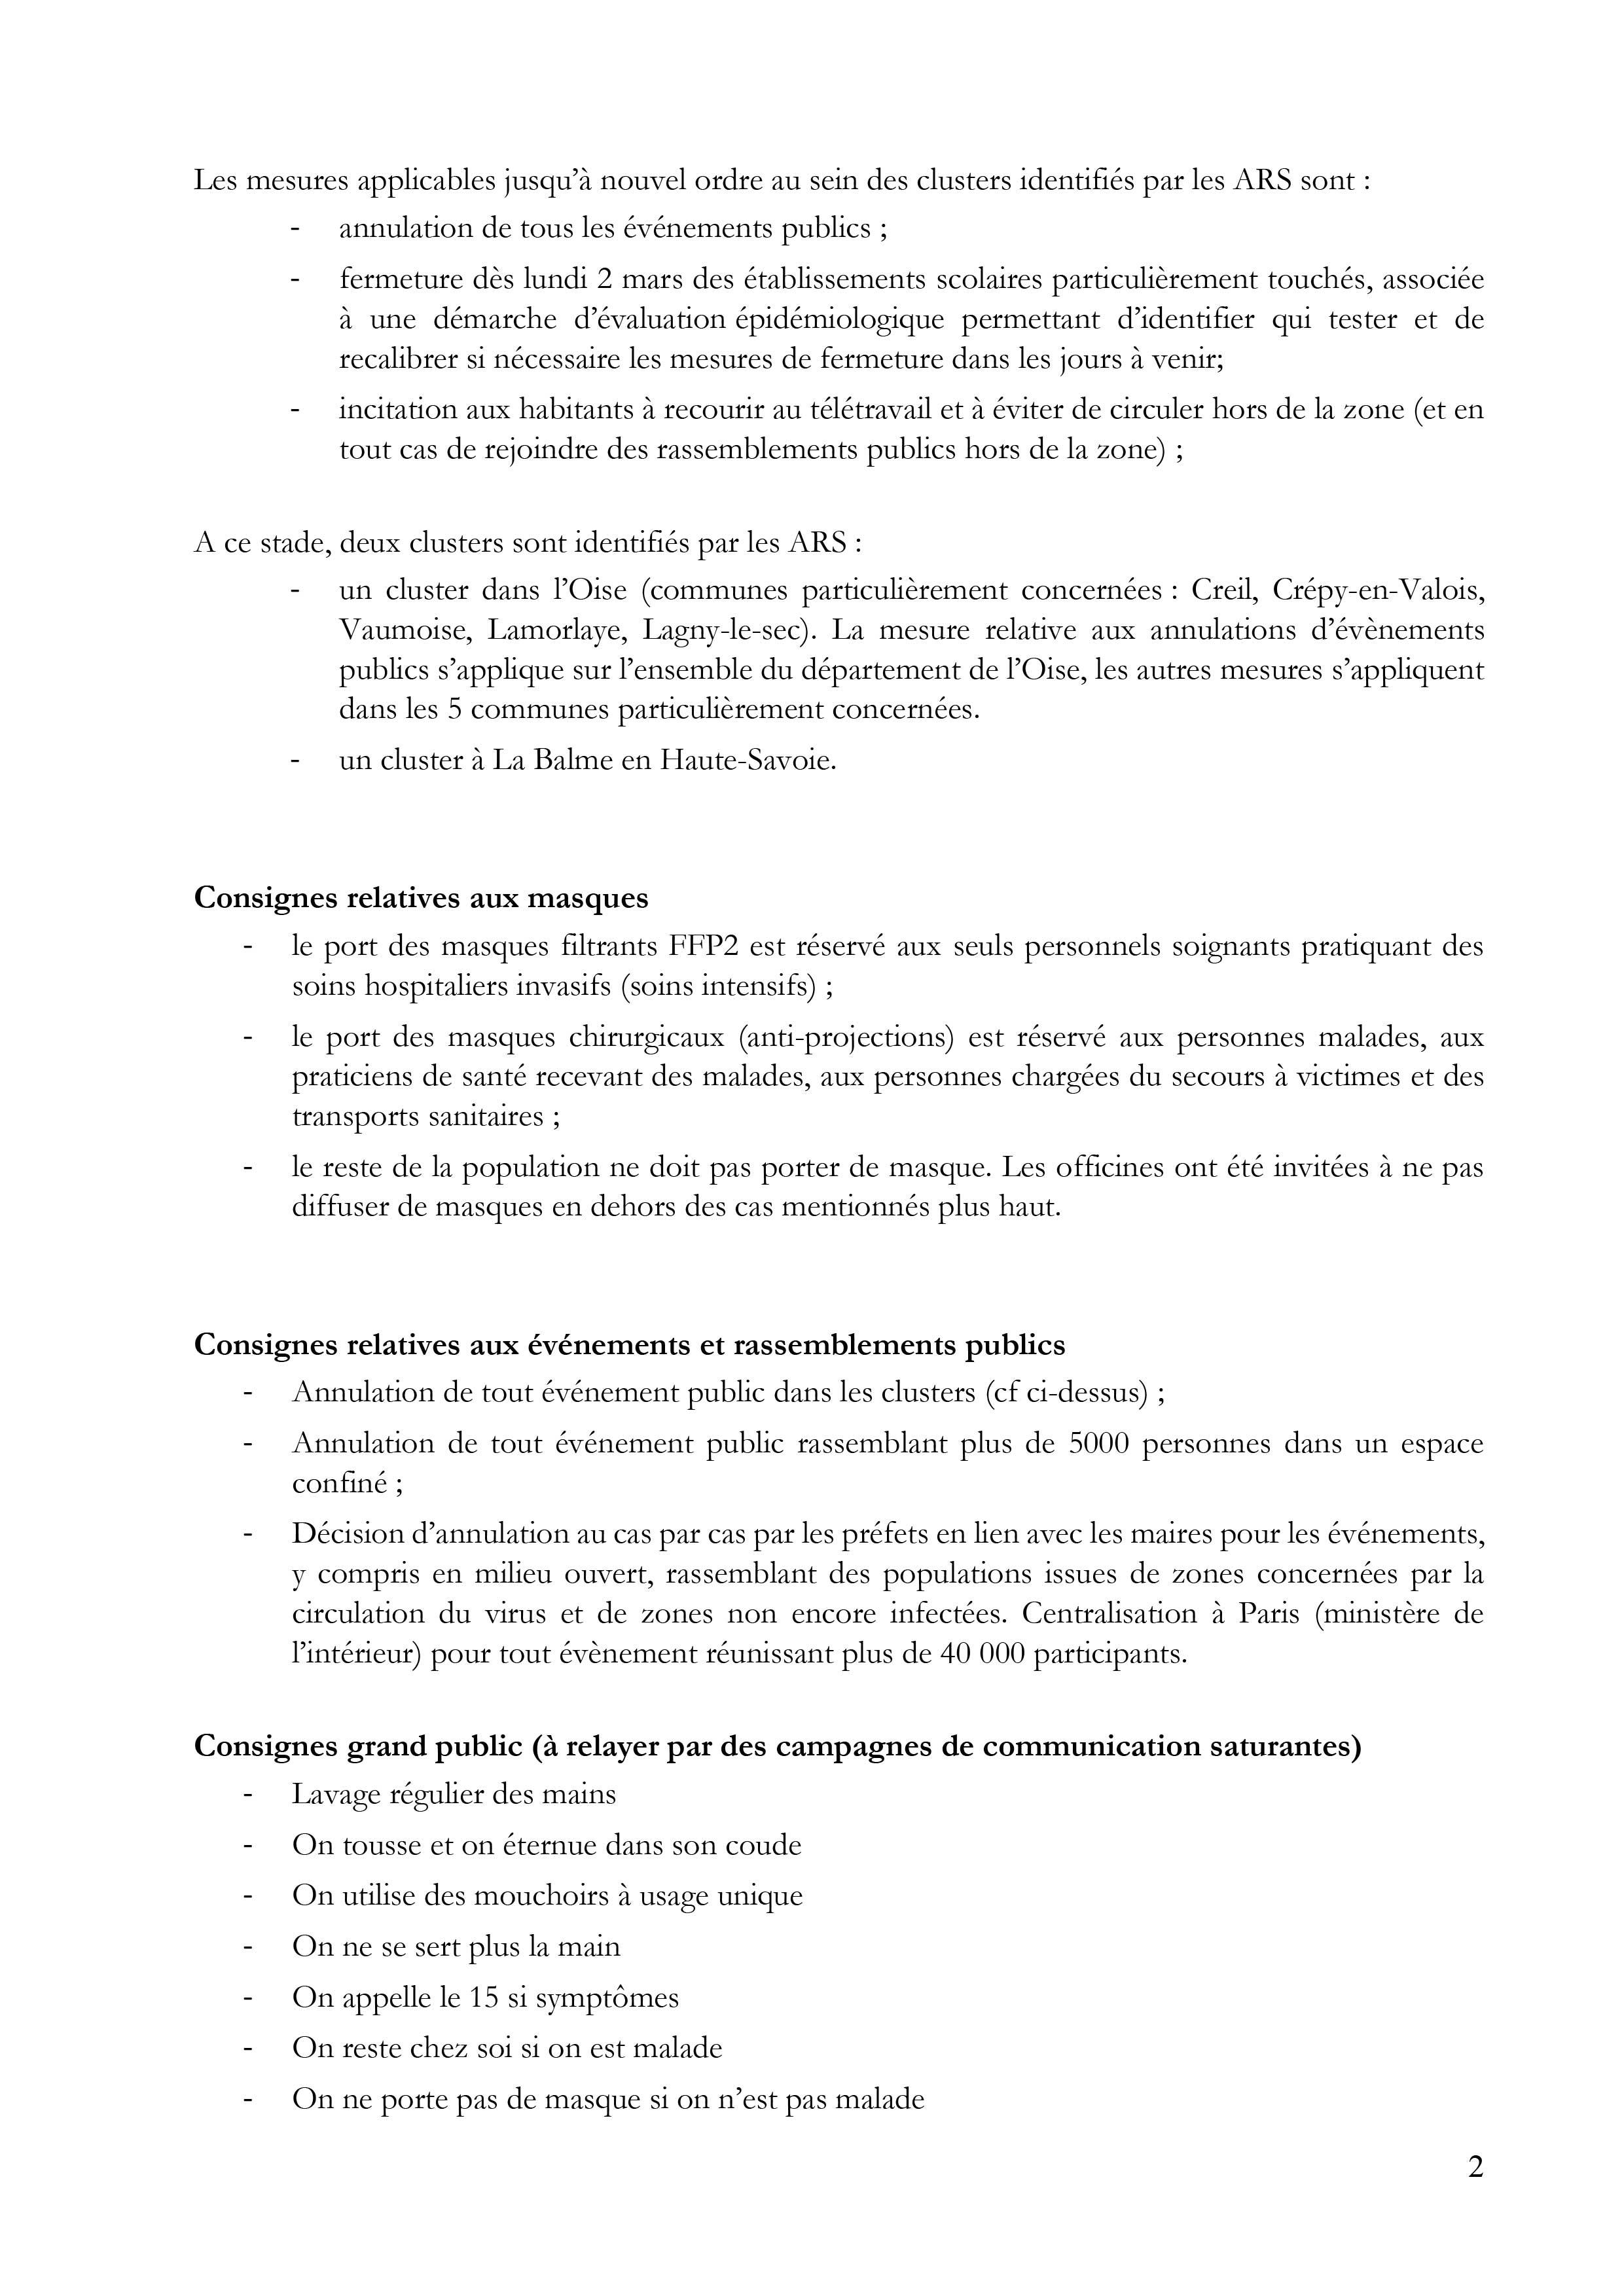 consignes-2.jpg